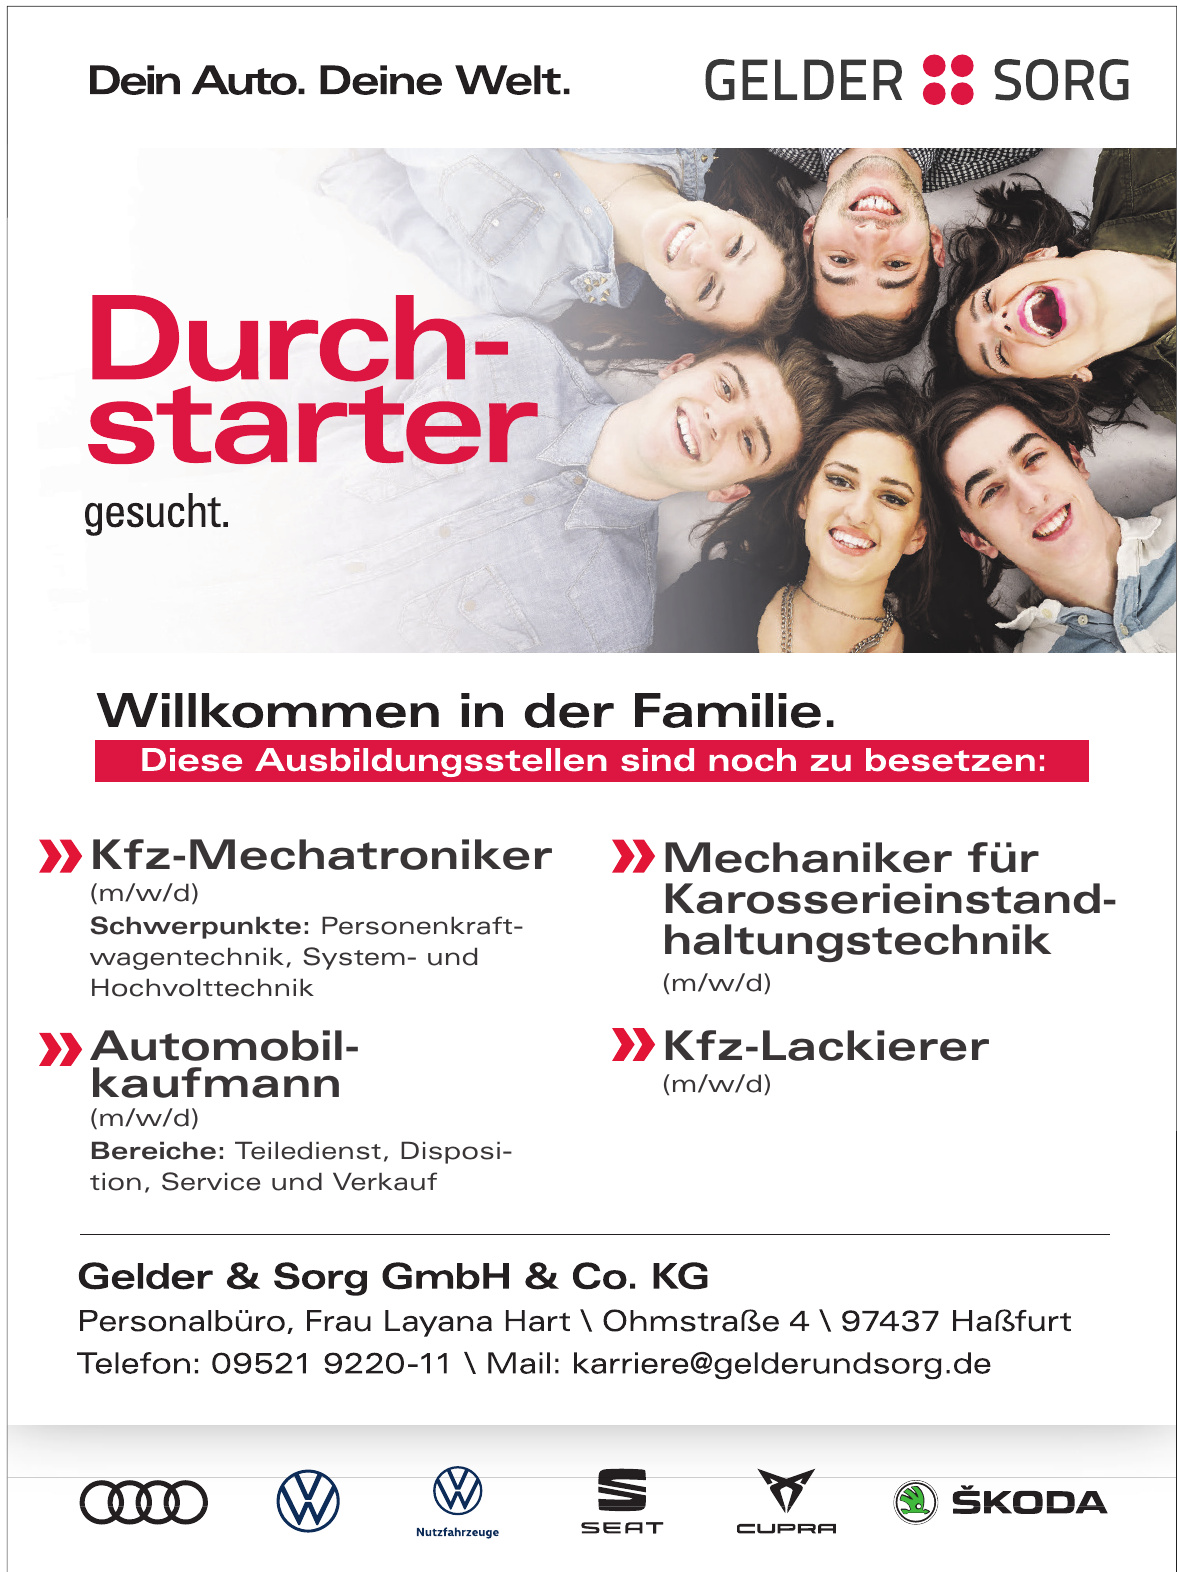 Gelder & Sorg GmbH & Co. KG